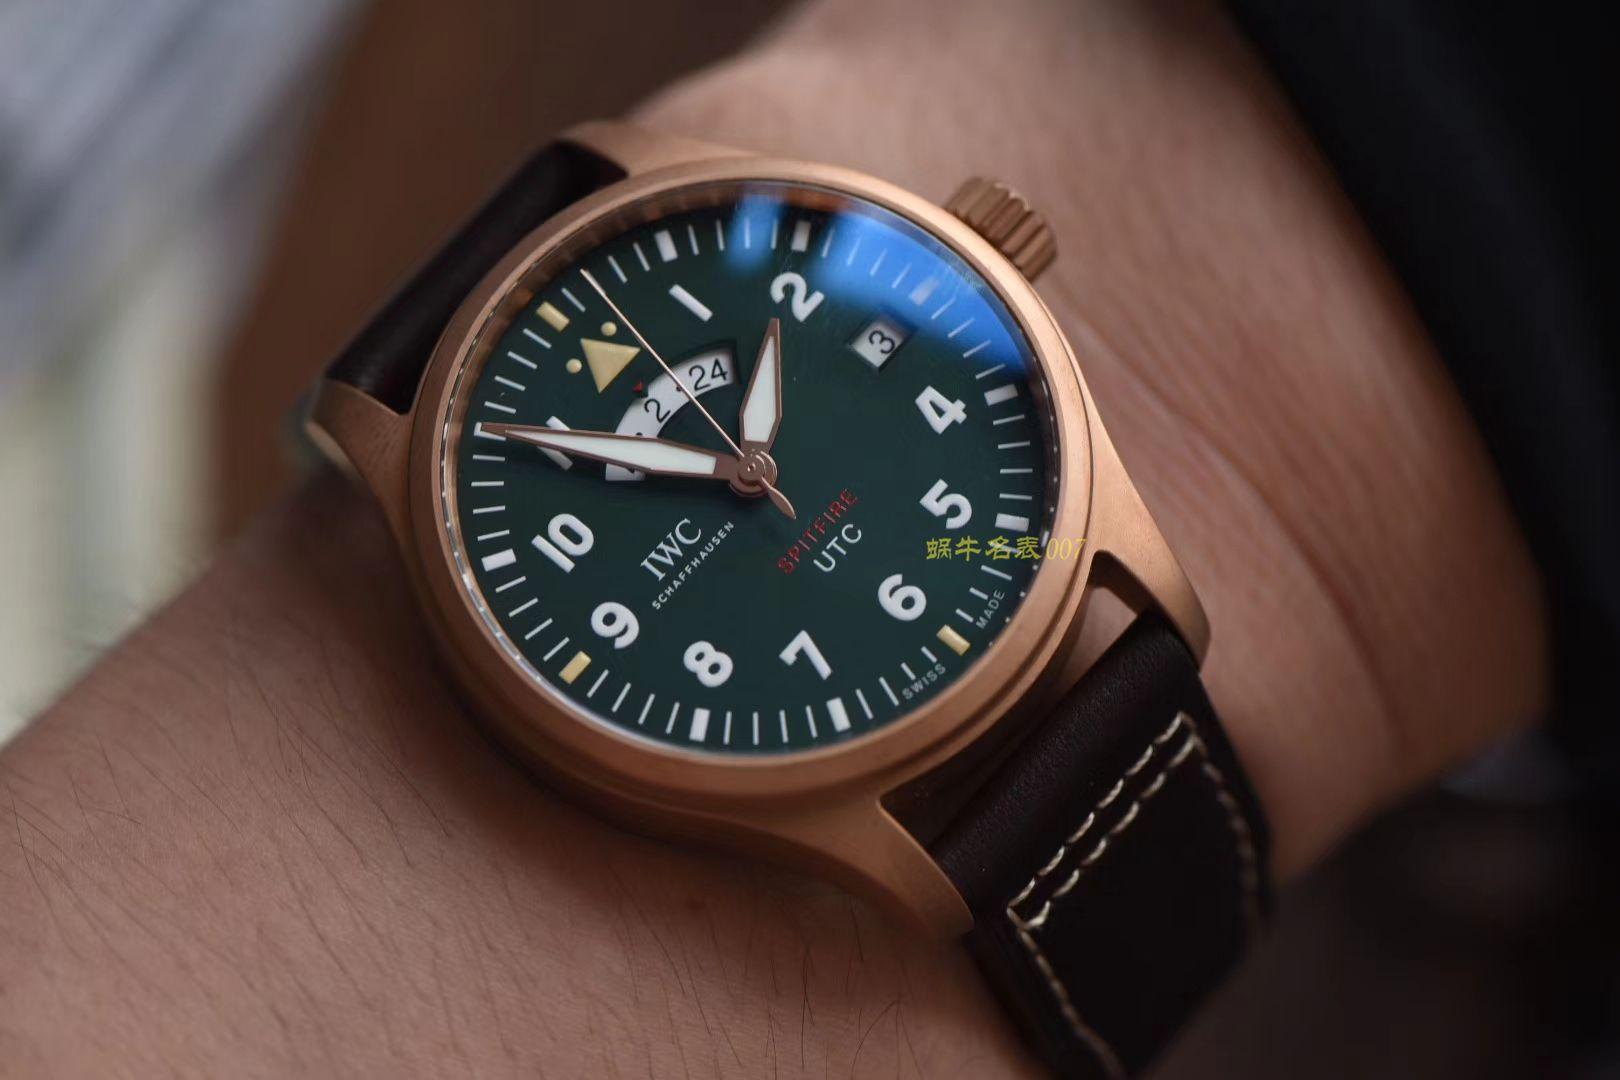 【XF超A高仿手表】IWC万国表飞行员系列IW327101腕表,青铜喷火战机飞行员